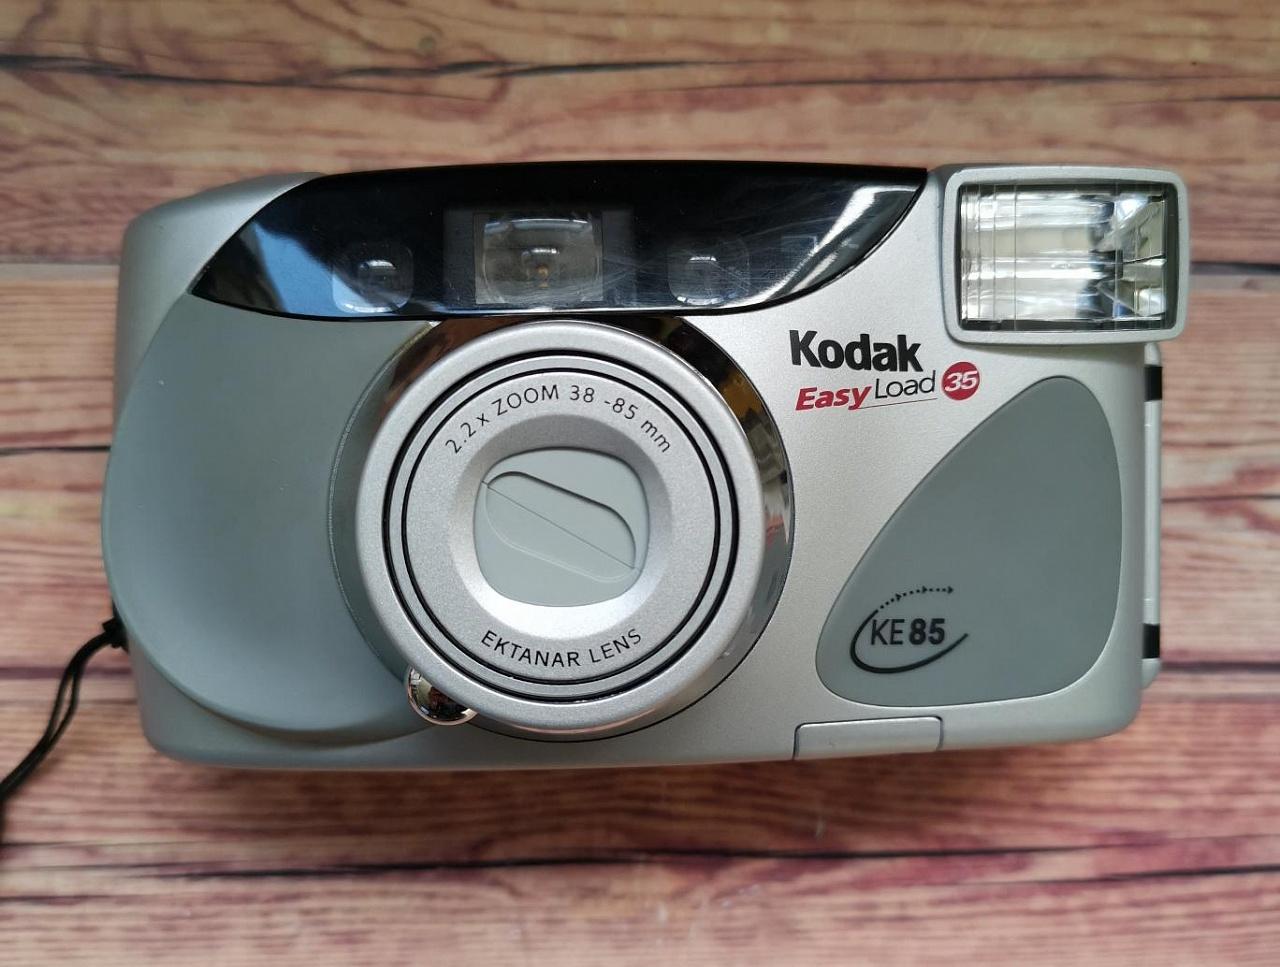 двух пленочный фотоаппарат с автофокусом лошадей ещё времён